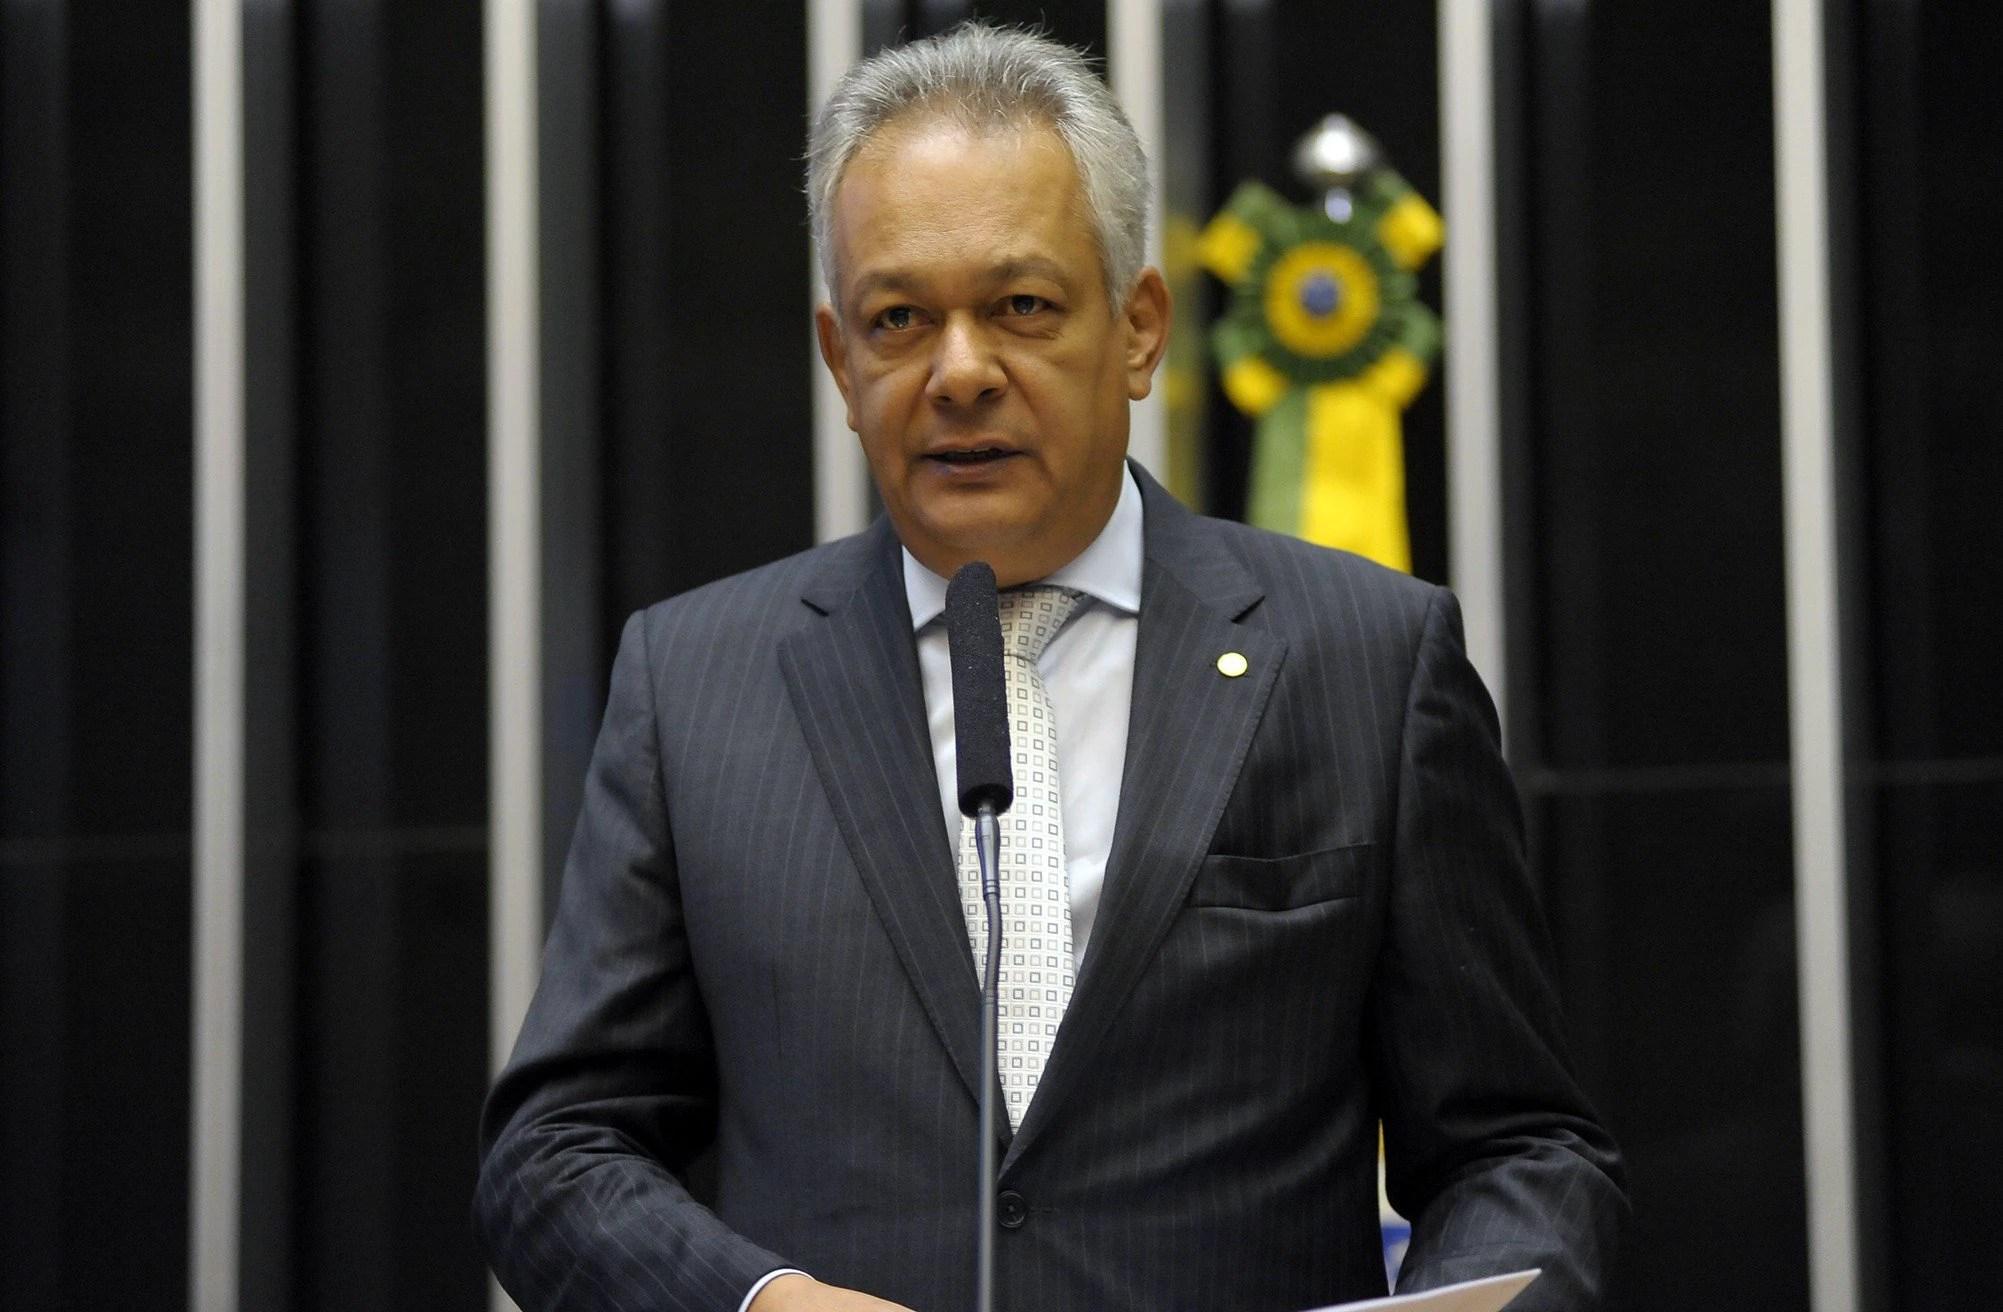 O delegado Edson Moreira (PMN-MG), deputado federal, em discurso na Câmara